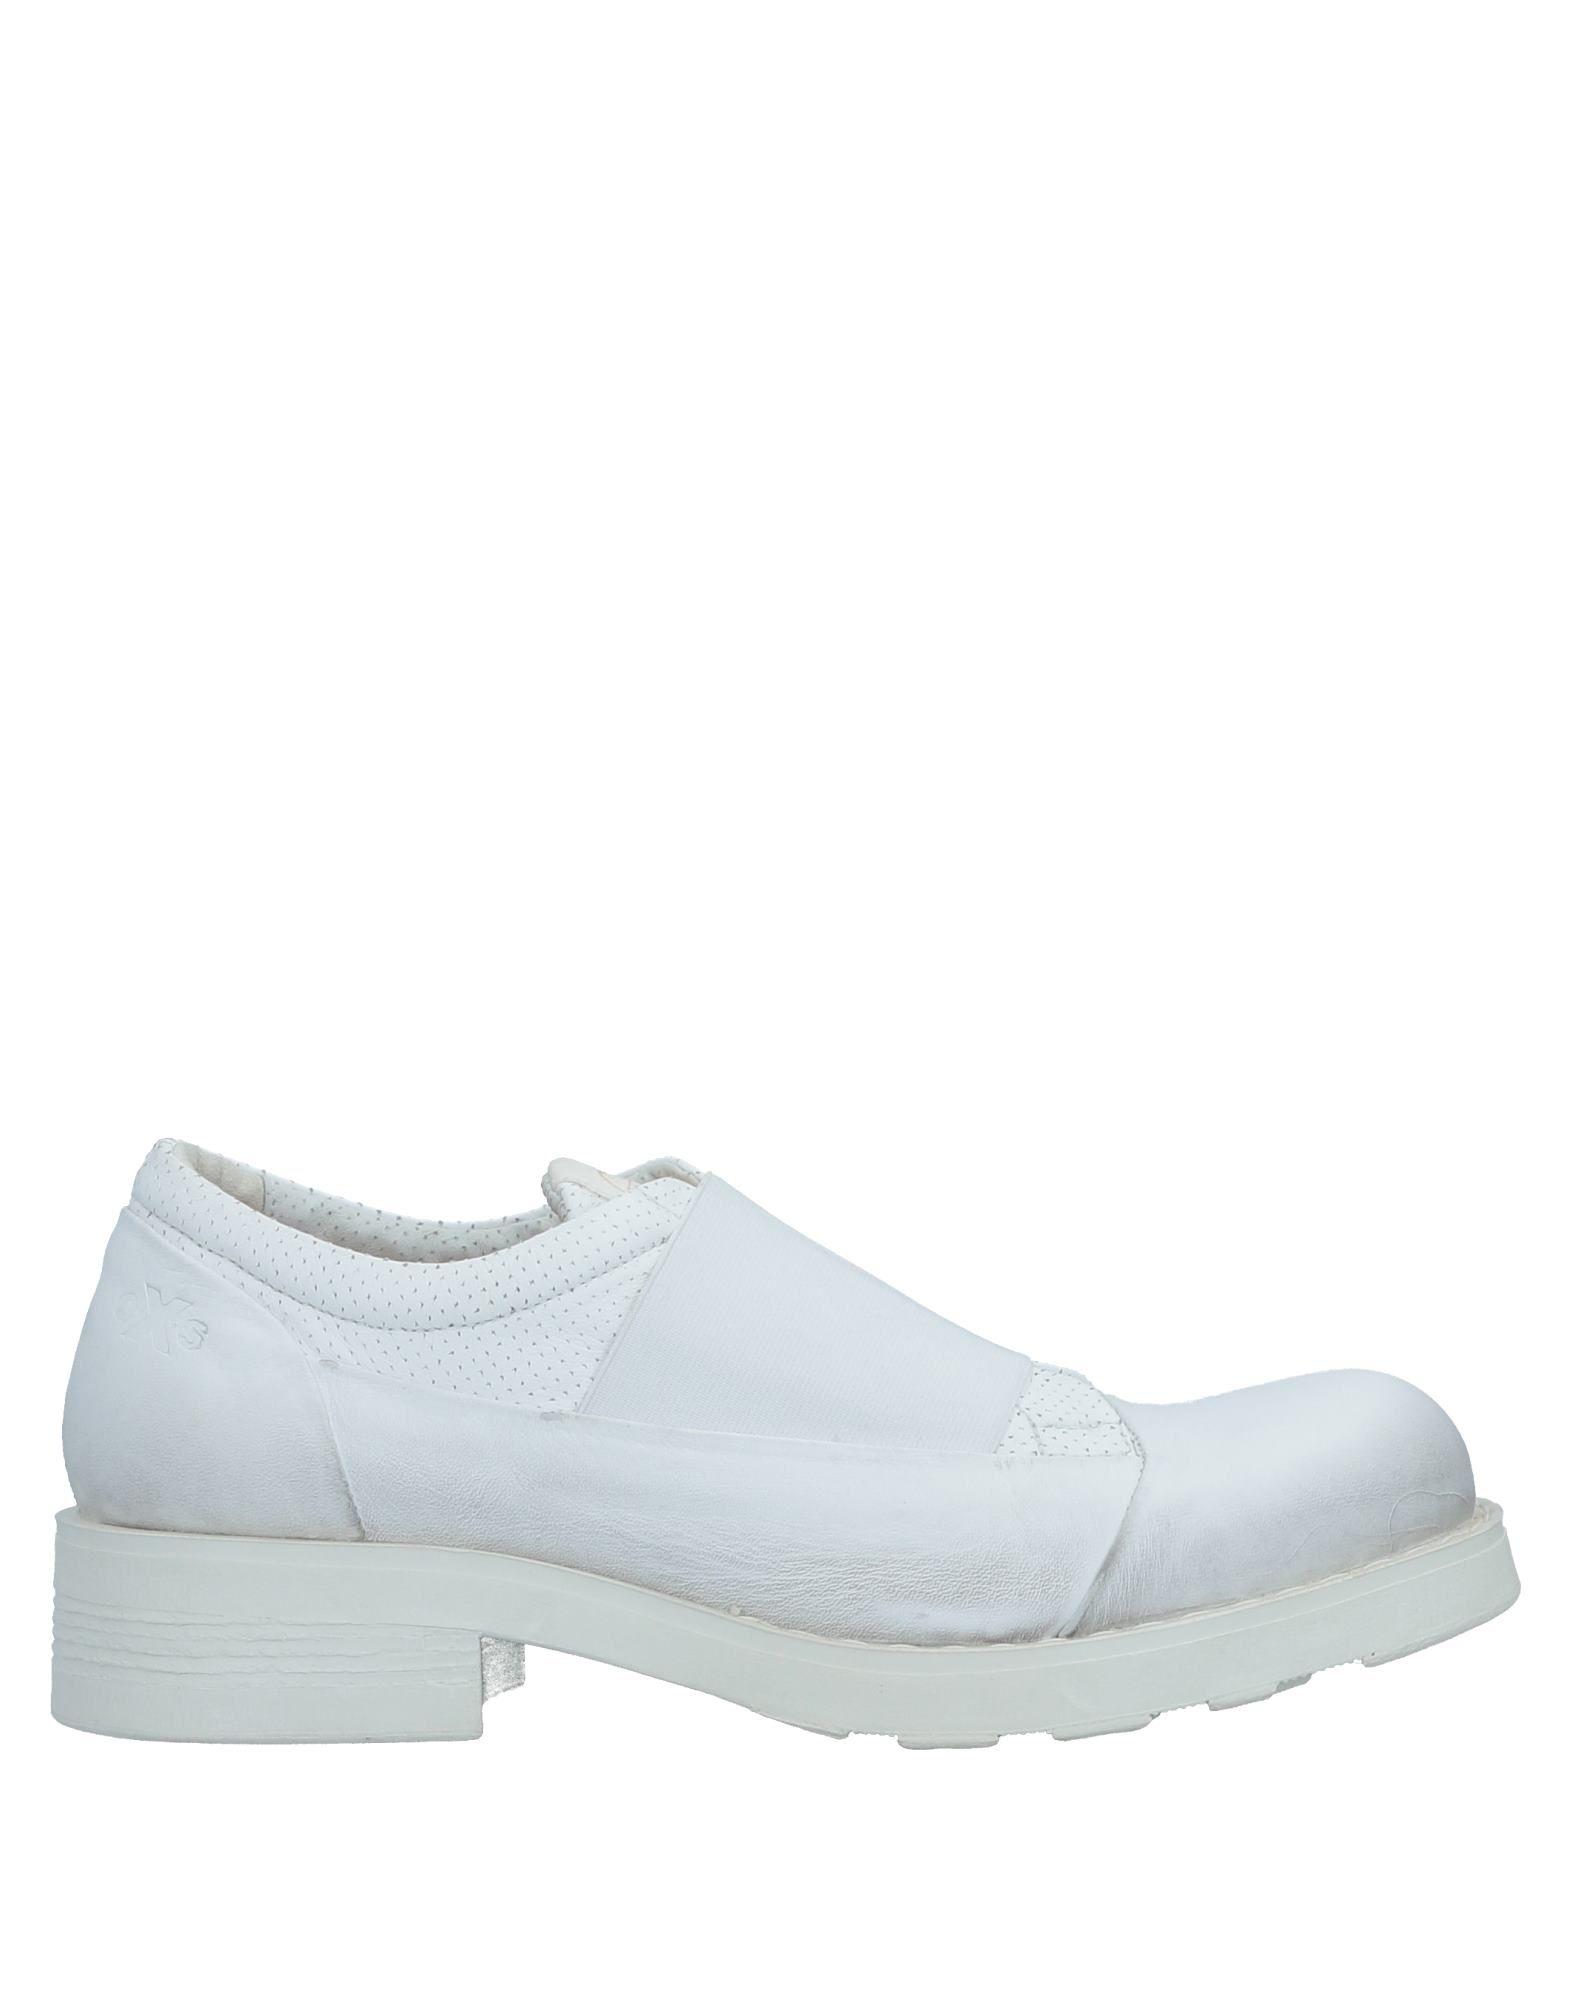 Moda Sneakers O.X.S. Uomo - 11518143GJ